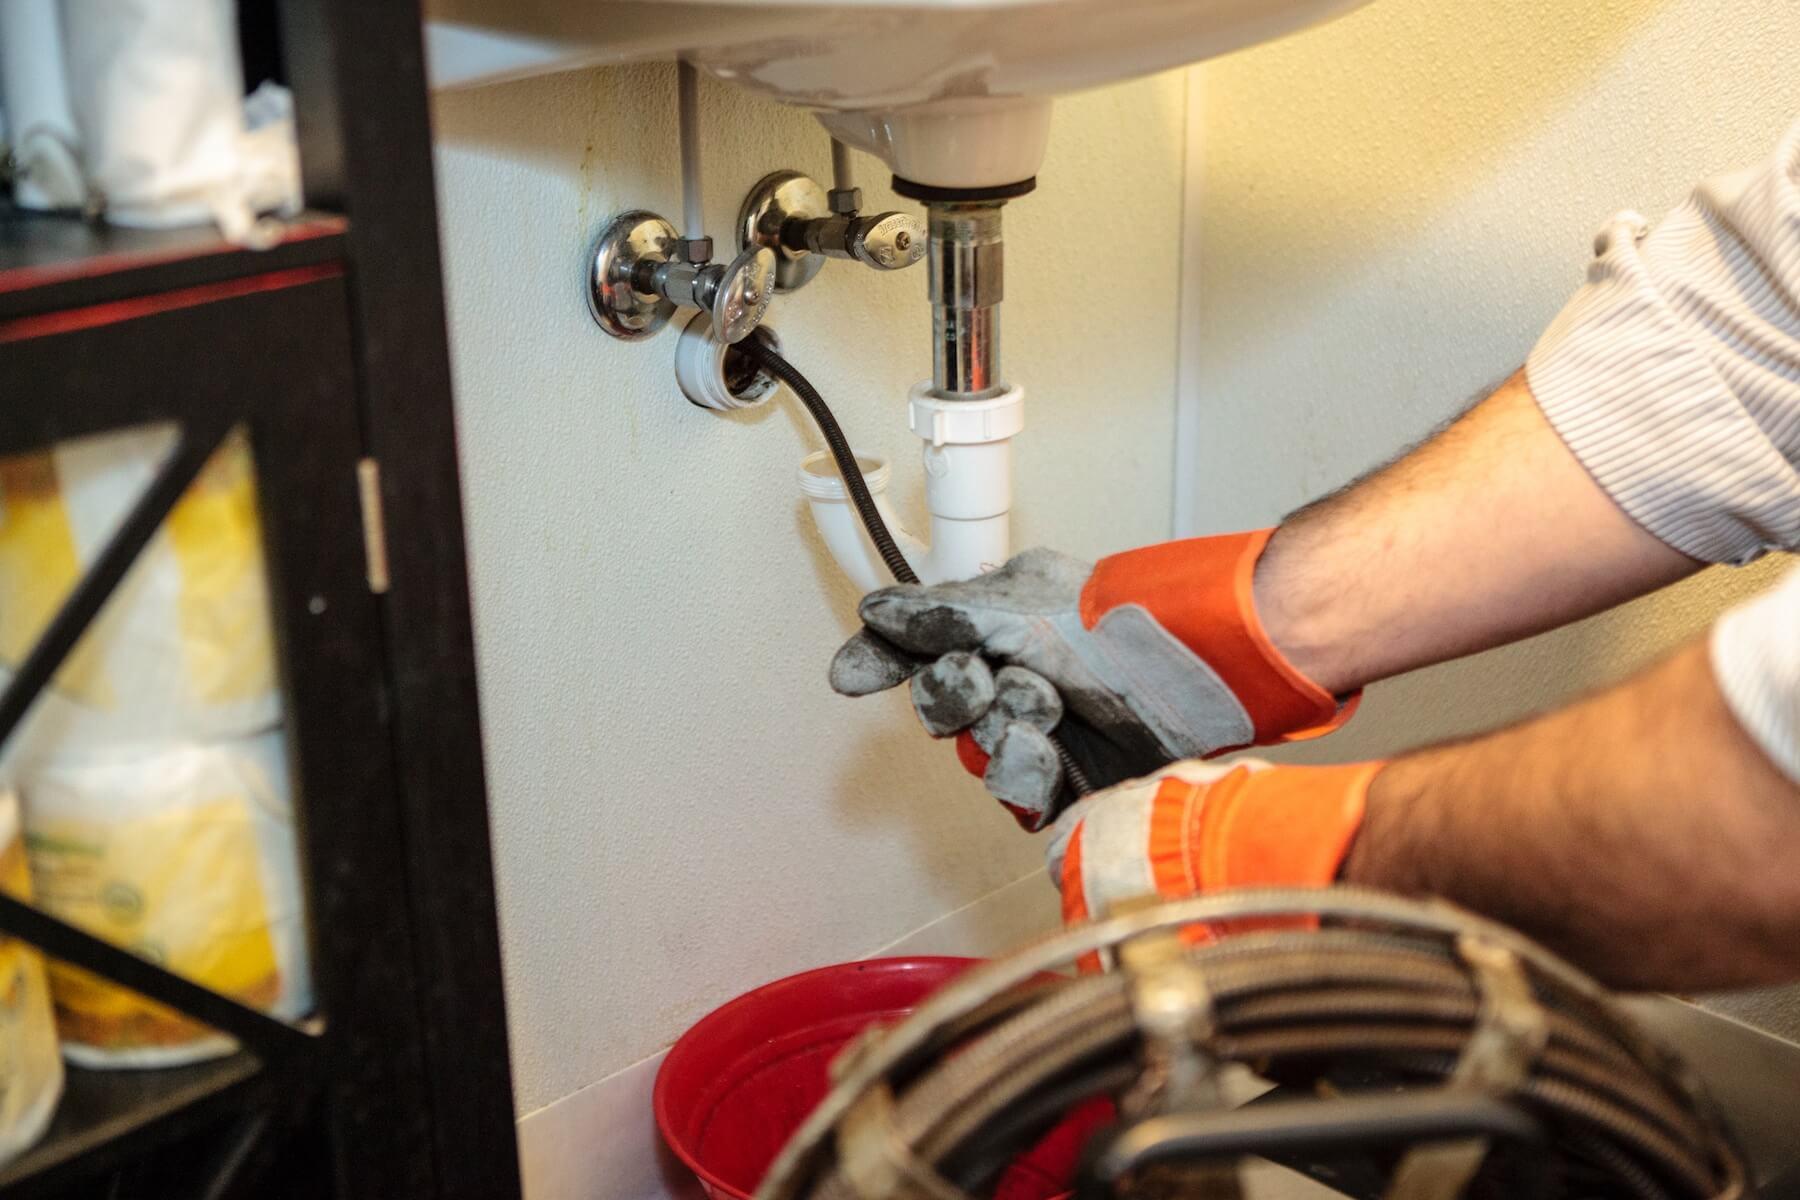 deboucheur debouchage canalisation depannage curage vidange 67 150x150 - vidange citerne eau de pluie Woluwe chez vous en 1h